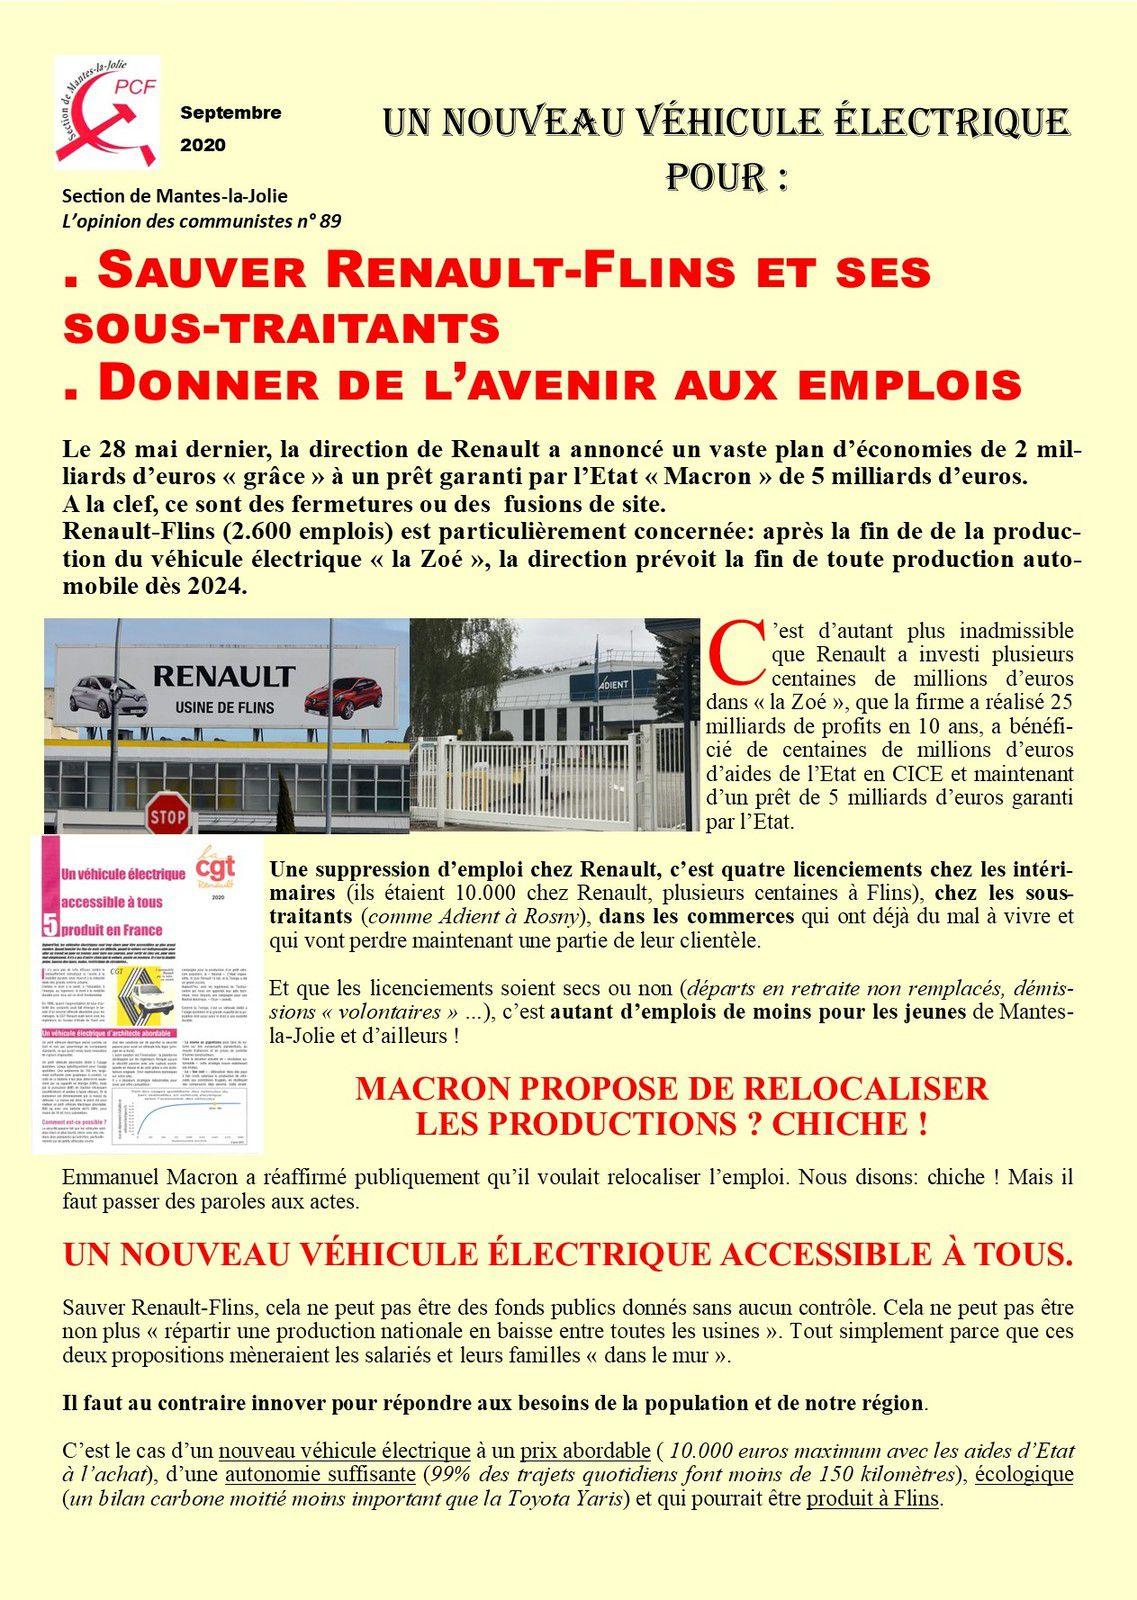 L'Opinion des communistes. Un nouveau véhicule électrique pour : Sauver Renault-Flins et ses sous-traitants . Donner de l'avenir aux emplois